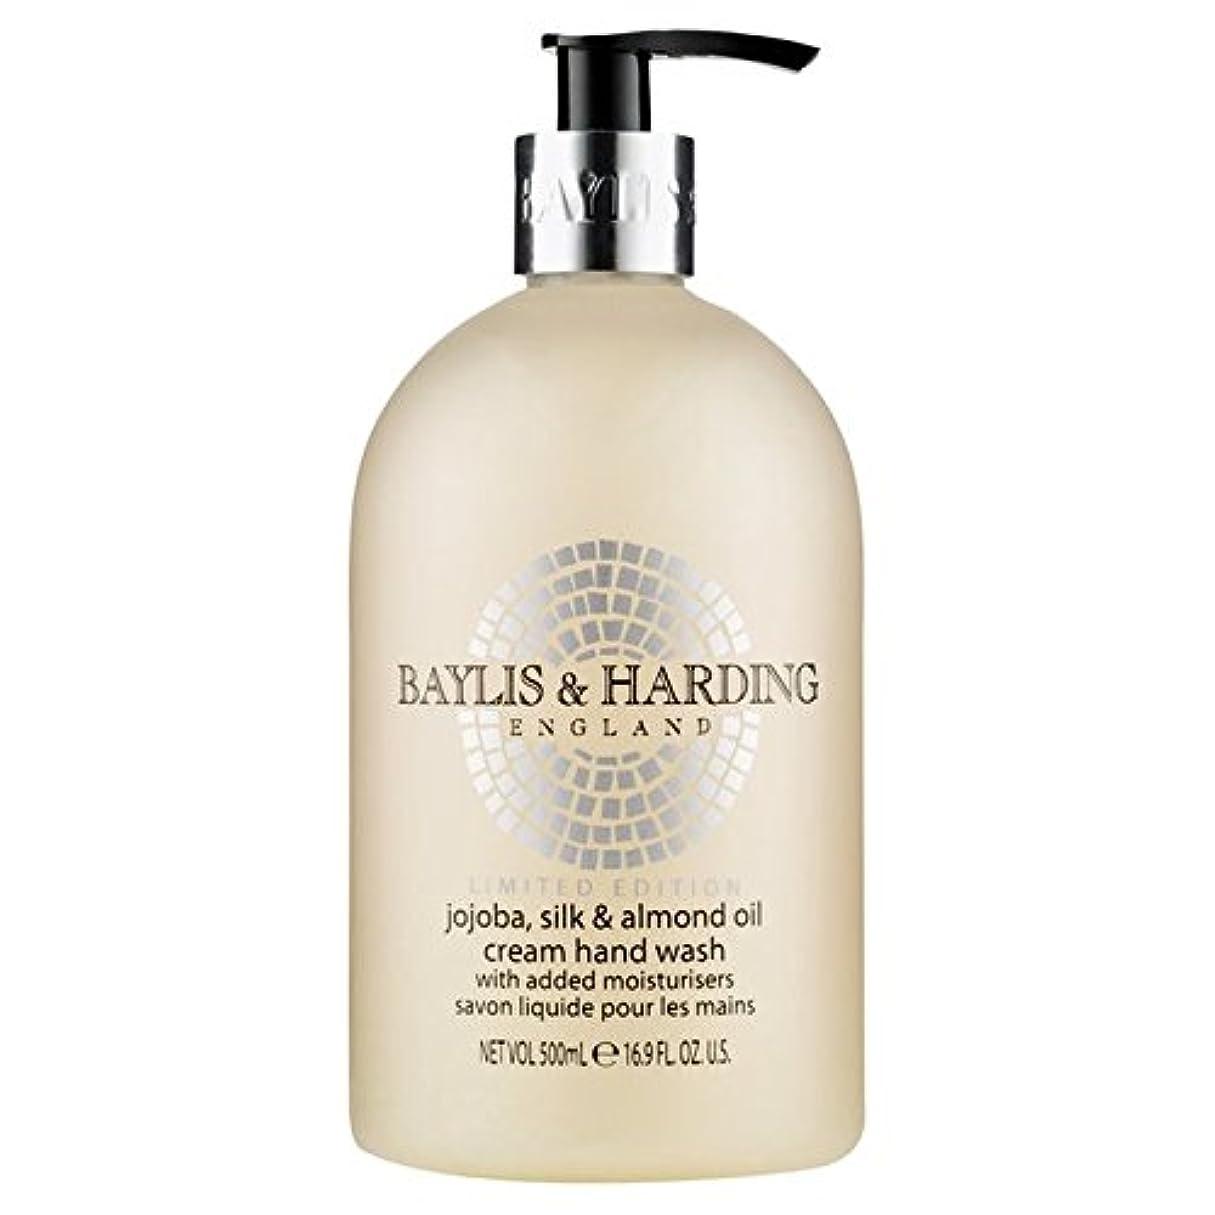 看板マイナー認可Baylis & Harding Jojoba, Silk & Almond Oil Hand Wash 500ml - ベイリス&ハーディングホホバ、シルク&アーモンドオイルハンドウォッシュ500ミリリットル [並行輸入品]